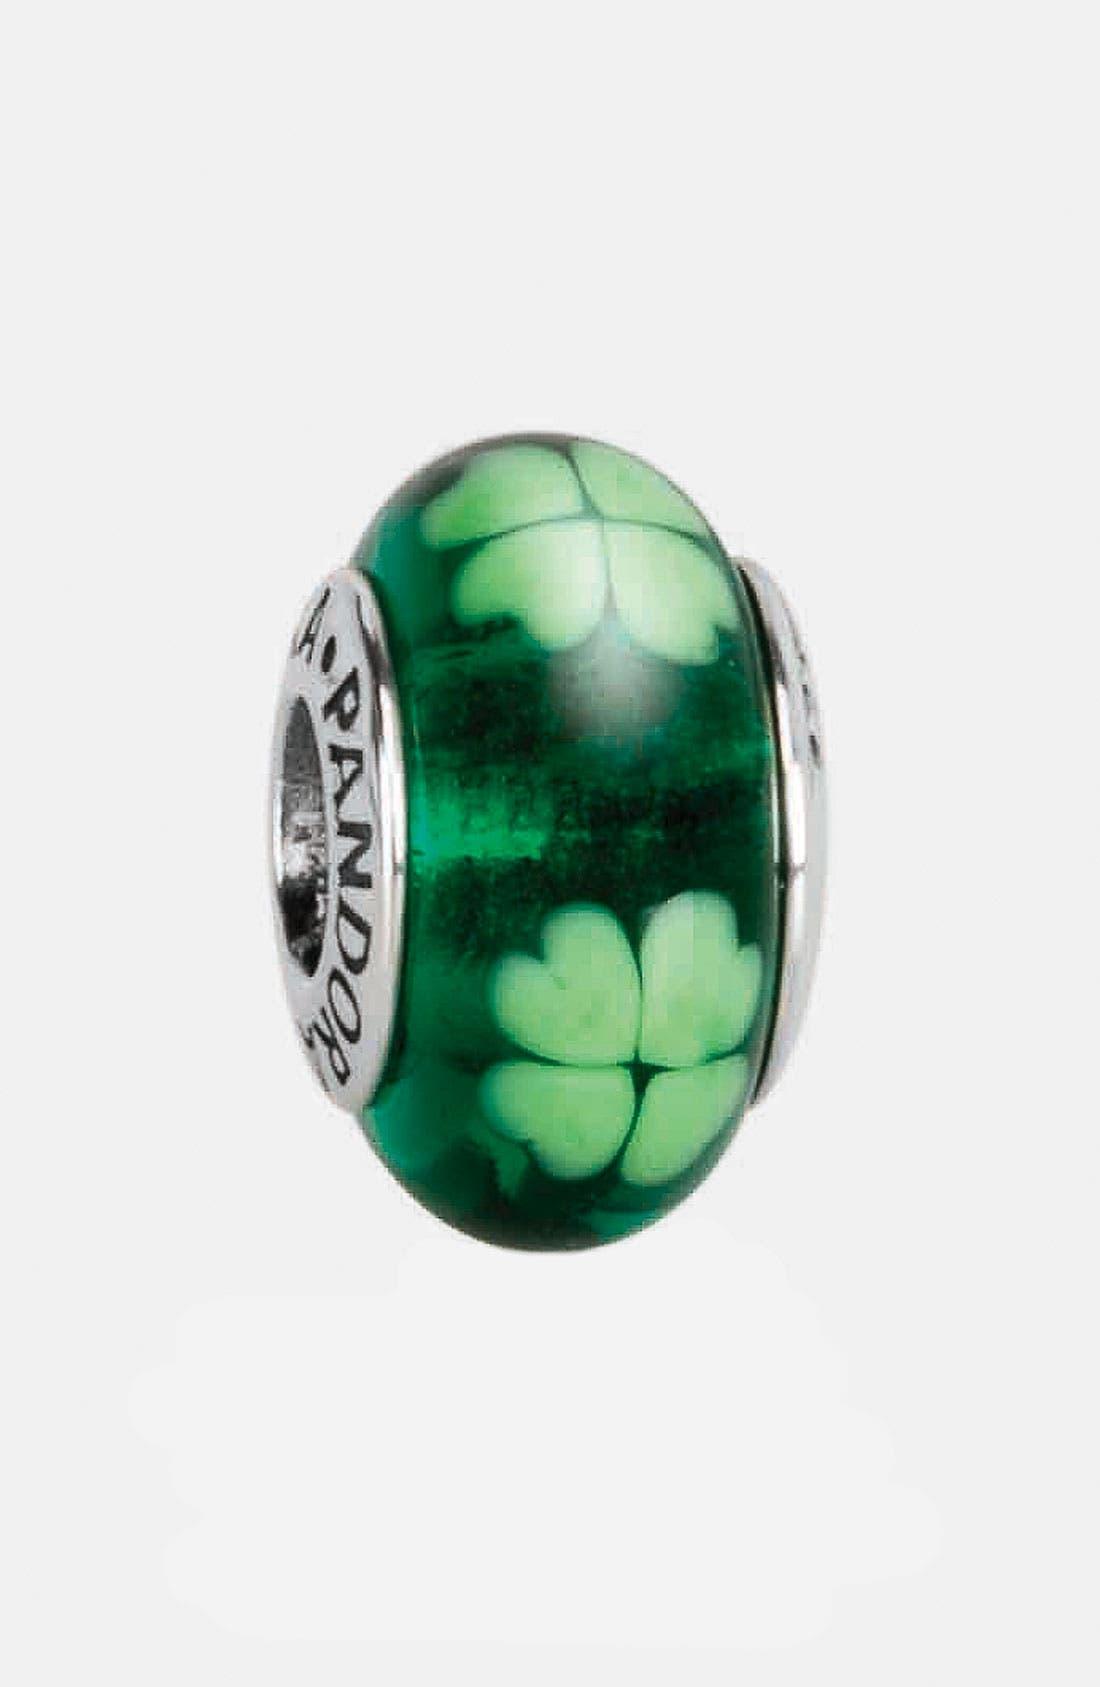 Main Image - PANDORA 'Irish' Murano Glass Charm